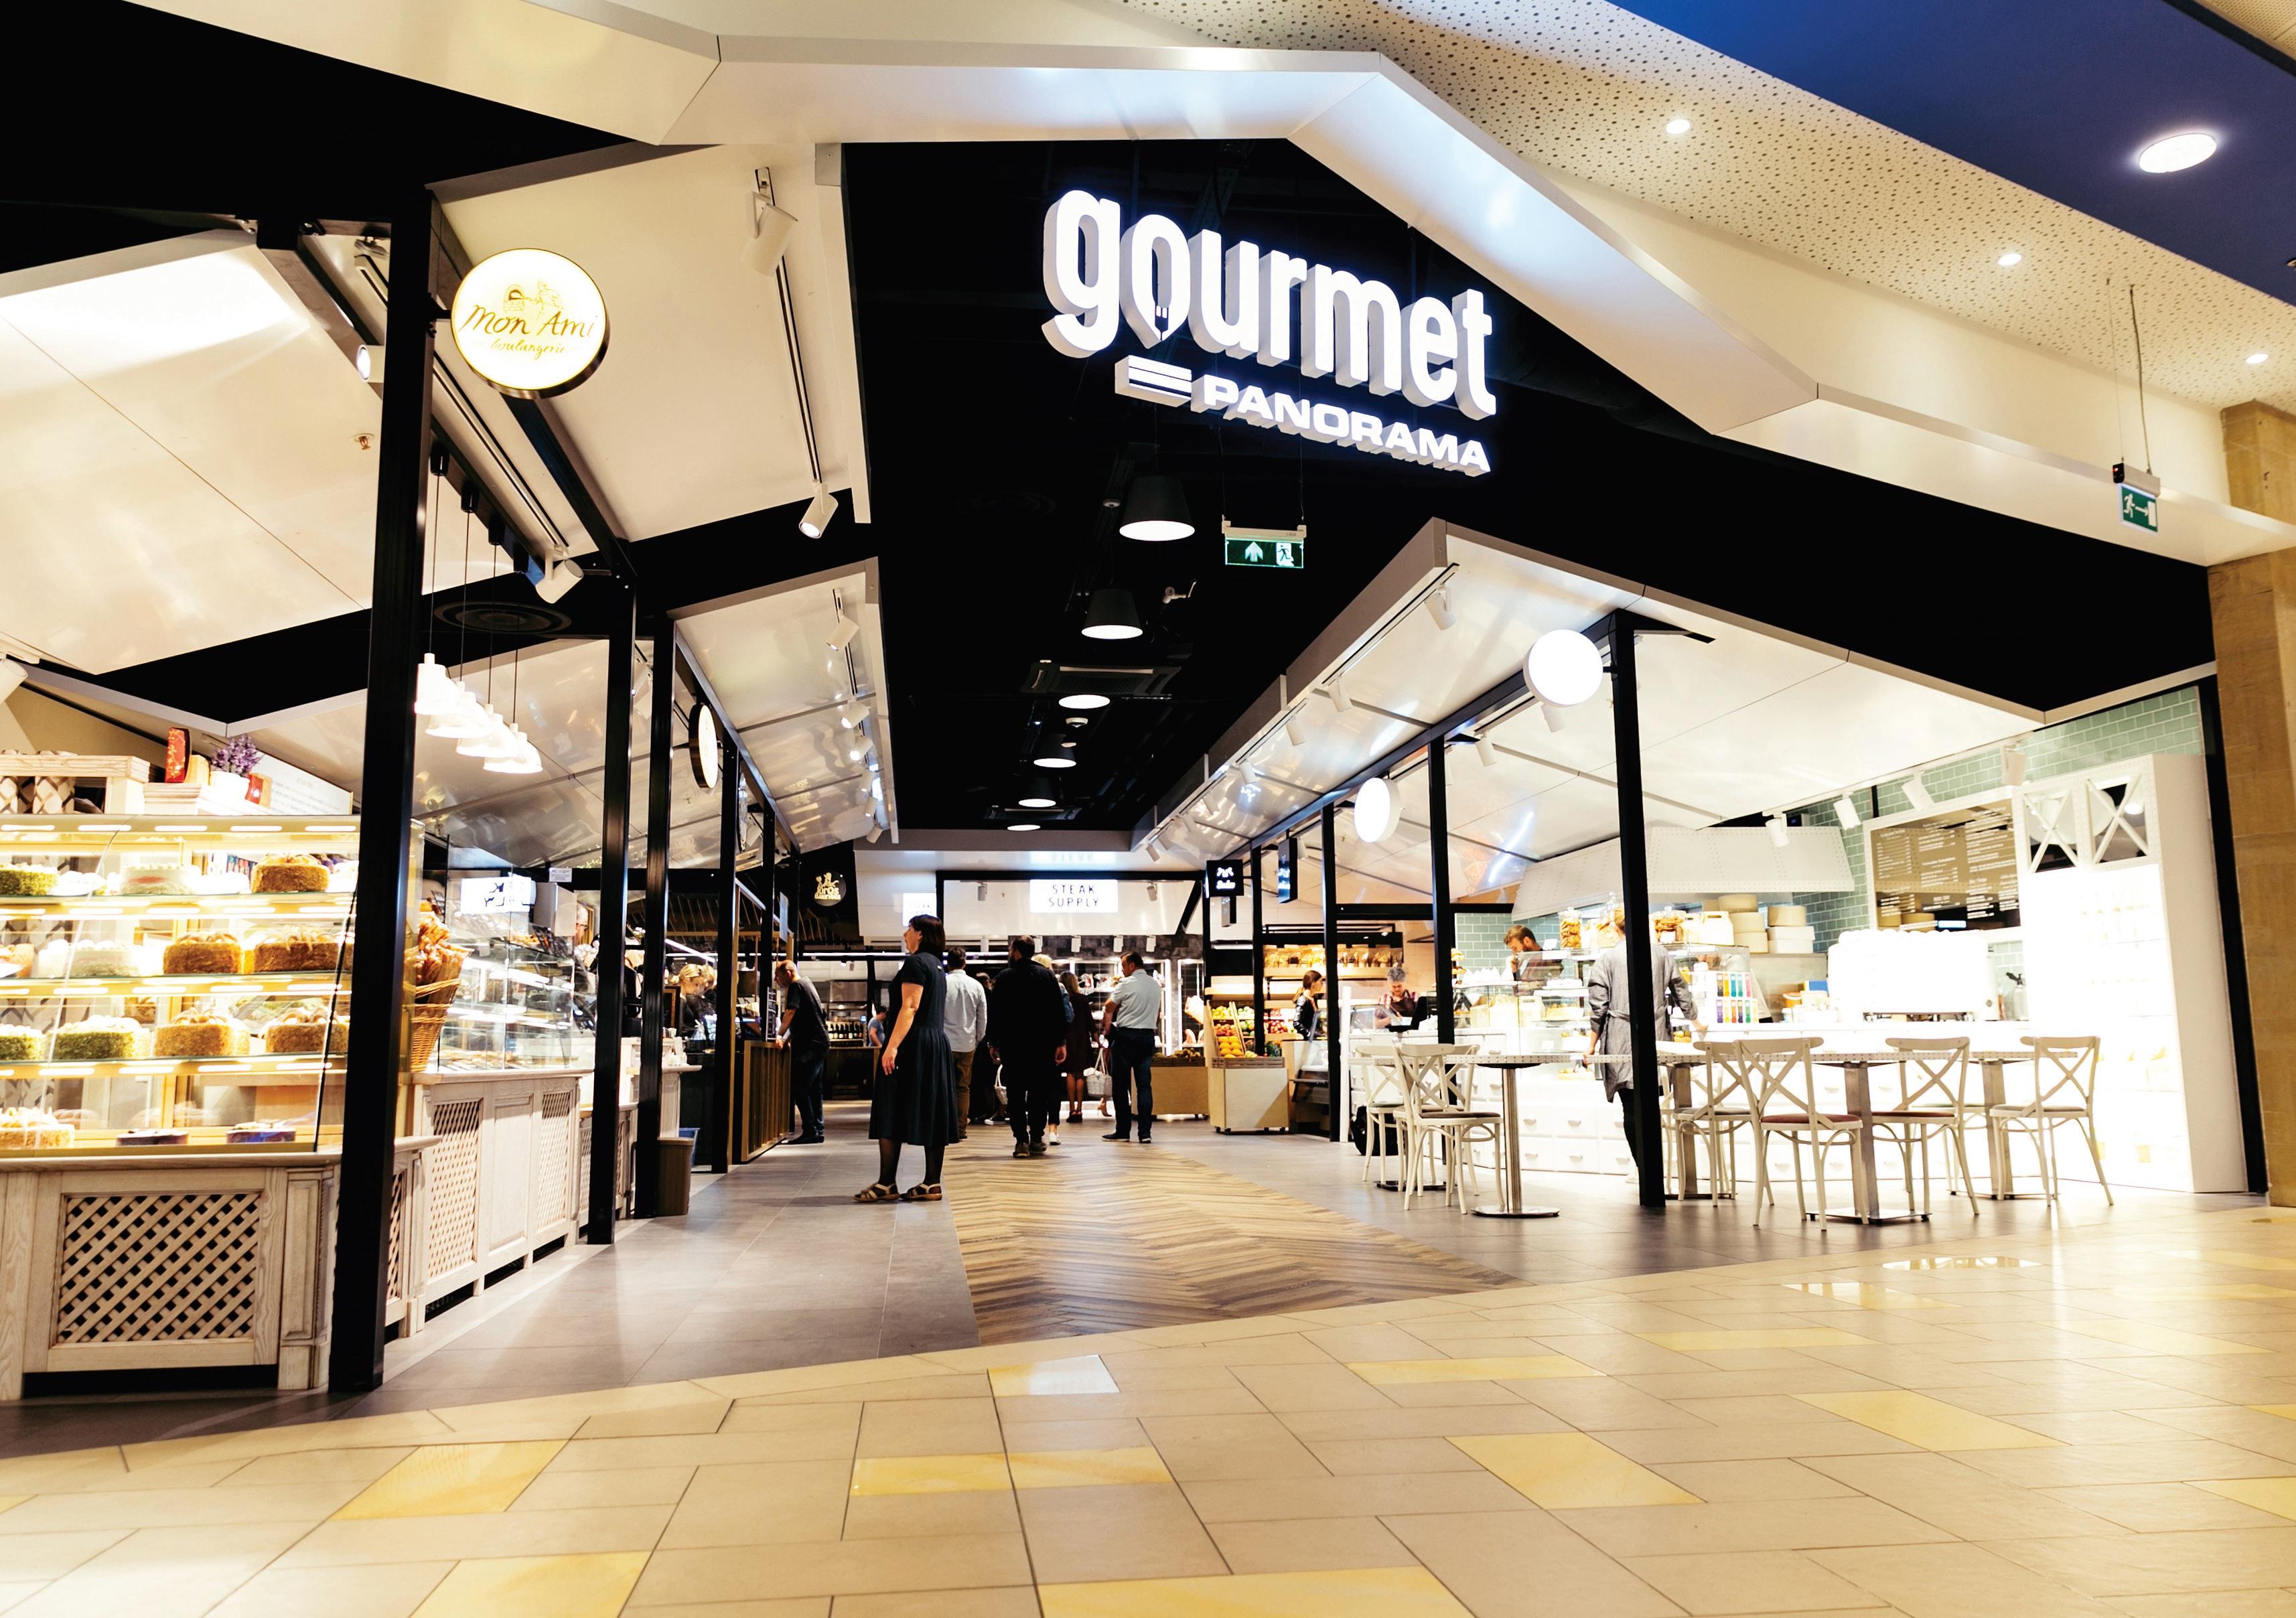 Gourmet Panorama 04